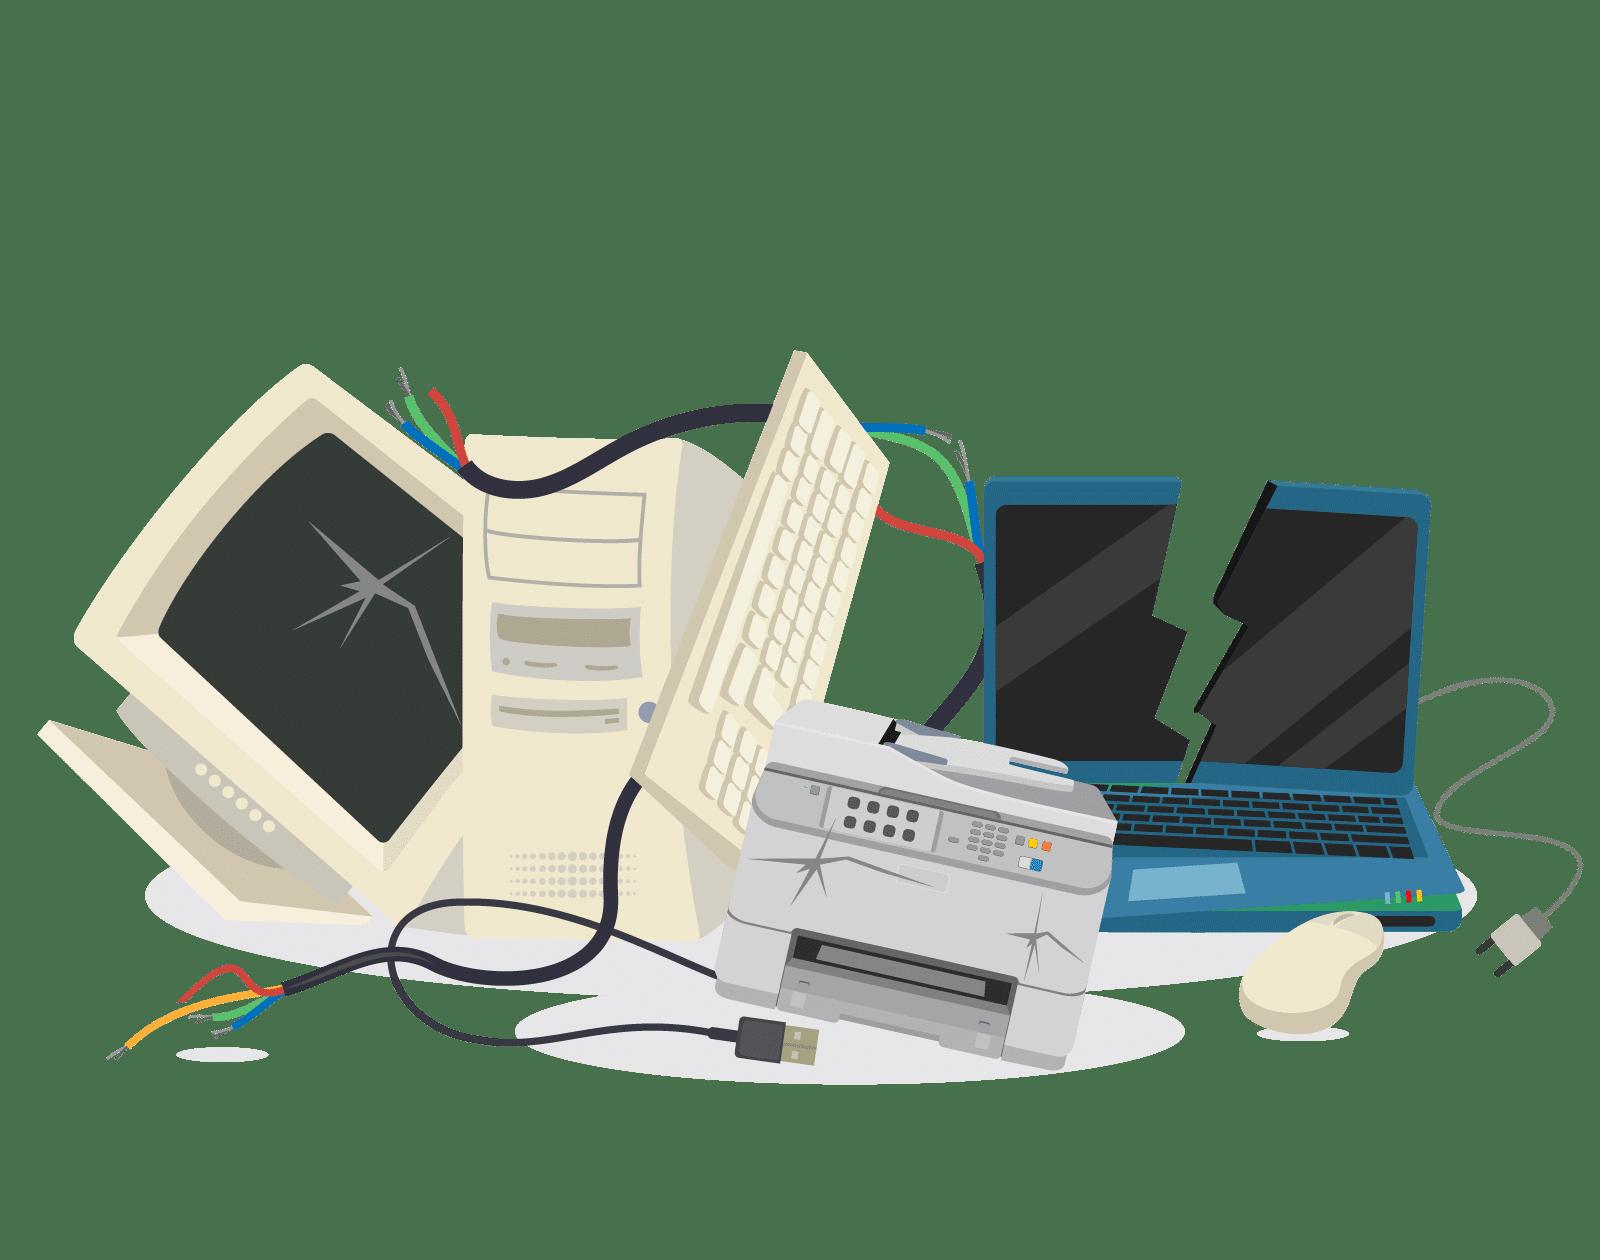 mobile-skips-bin-hire-waste-type-e-waste